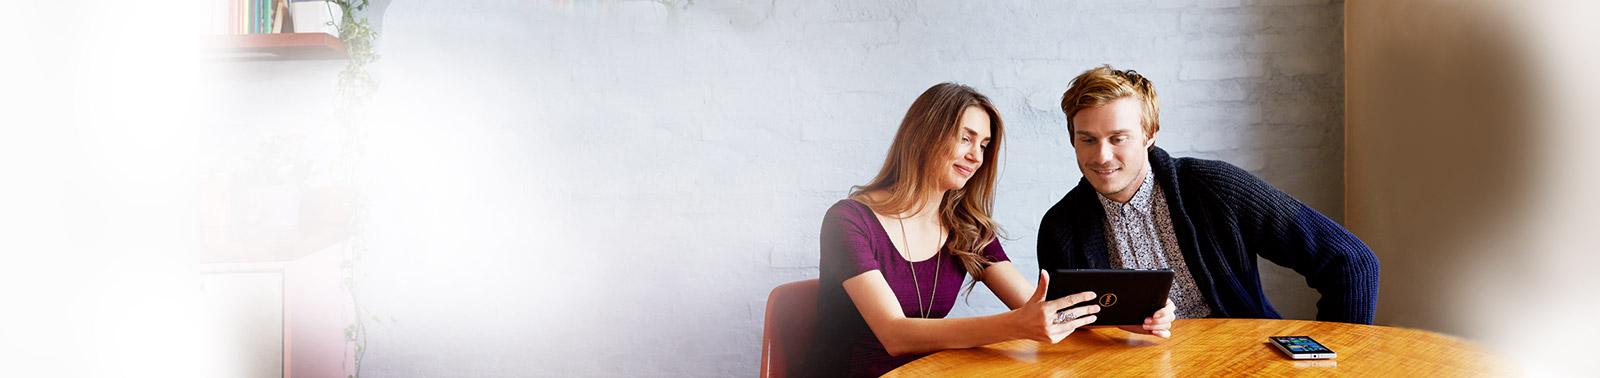 ผู้หญิงนั่งอยู่ที่โต๊ะกำลังถือแท็บเล็ต และพูดคุยกับผู้ชายที่ยืนอยู่ข้างหลัง